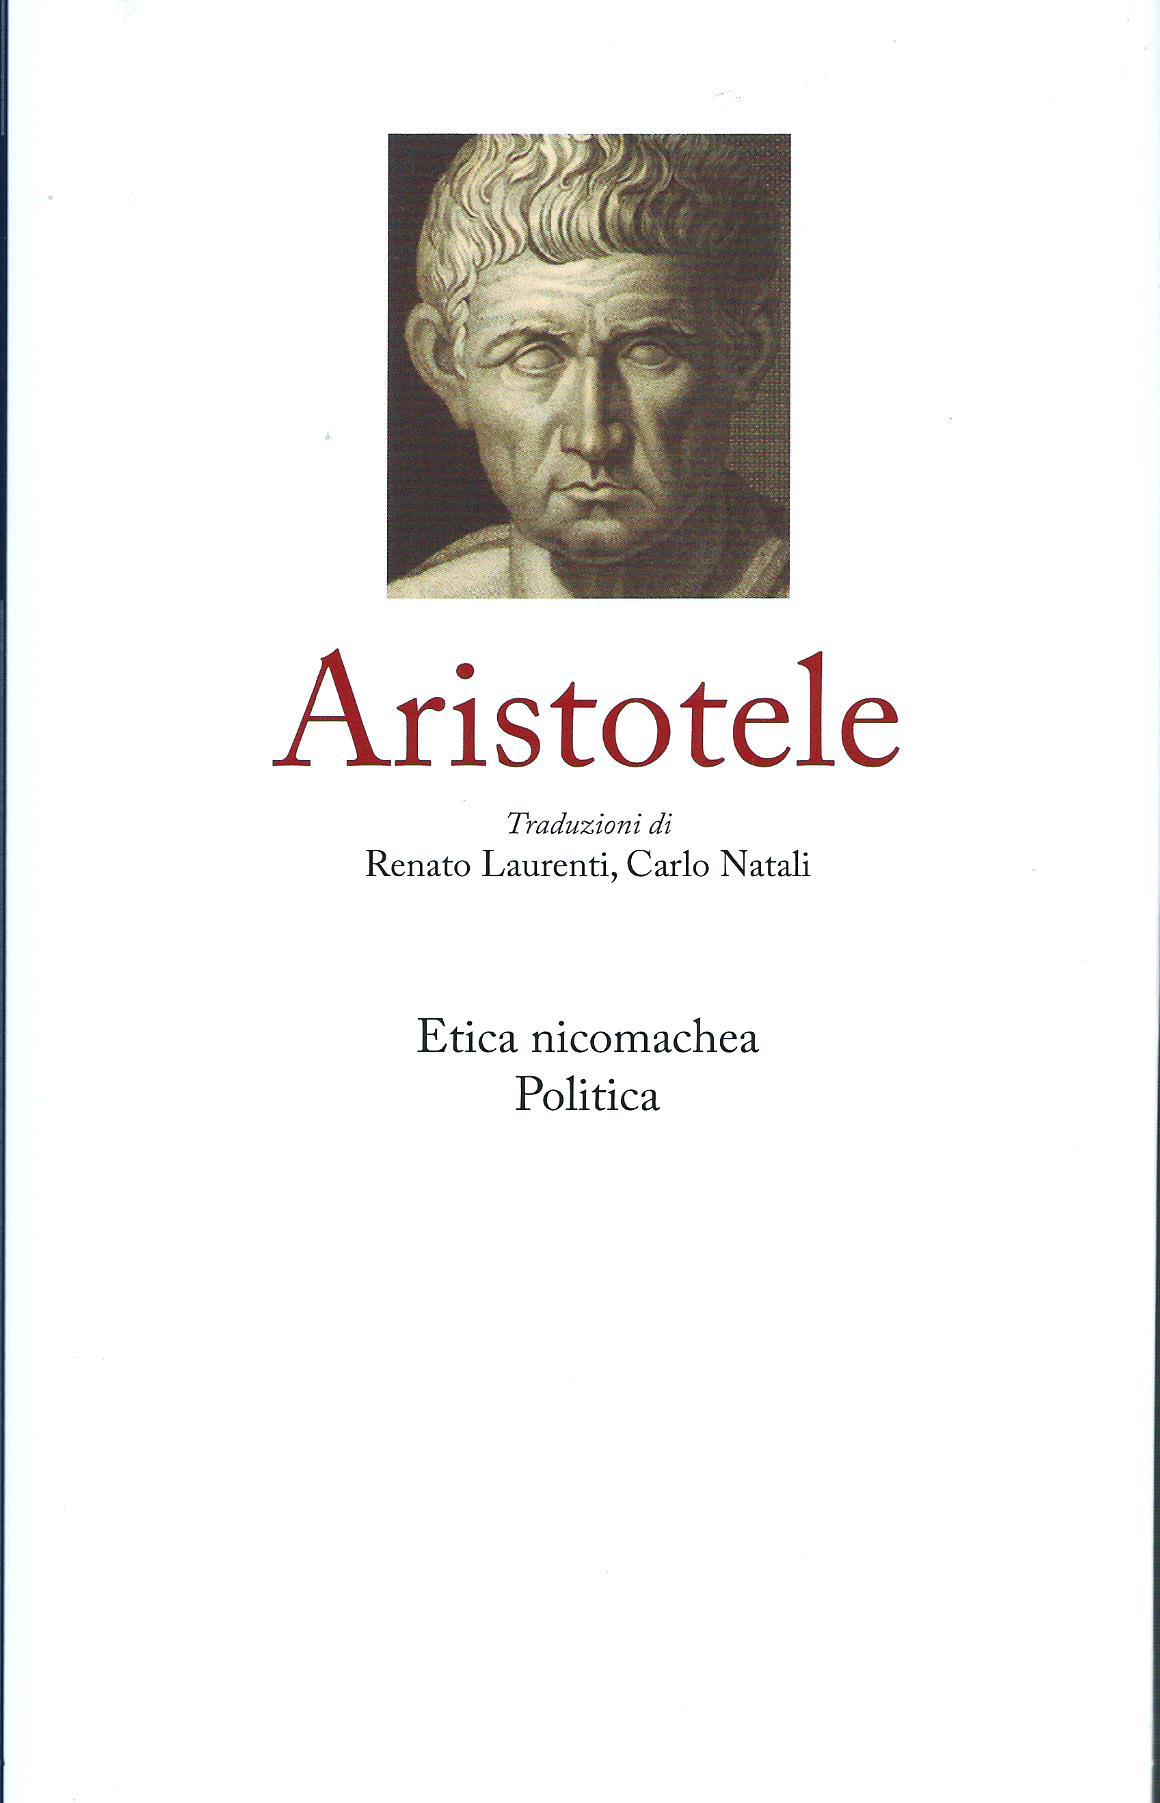 Aristotele III